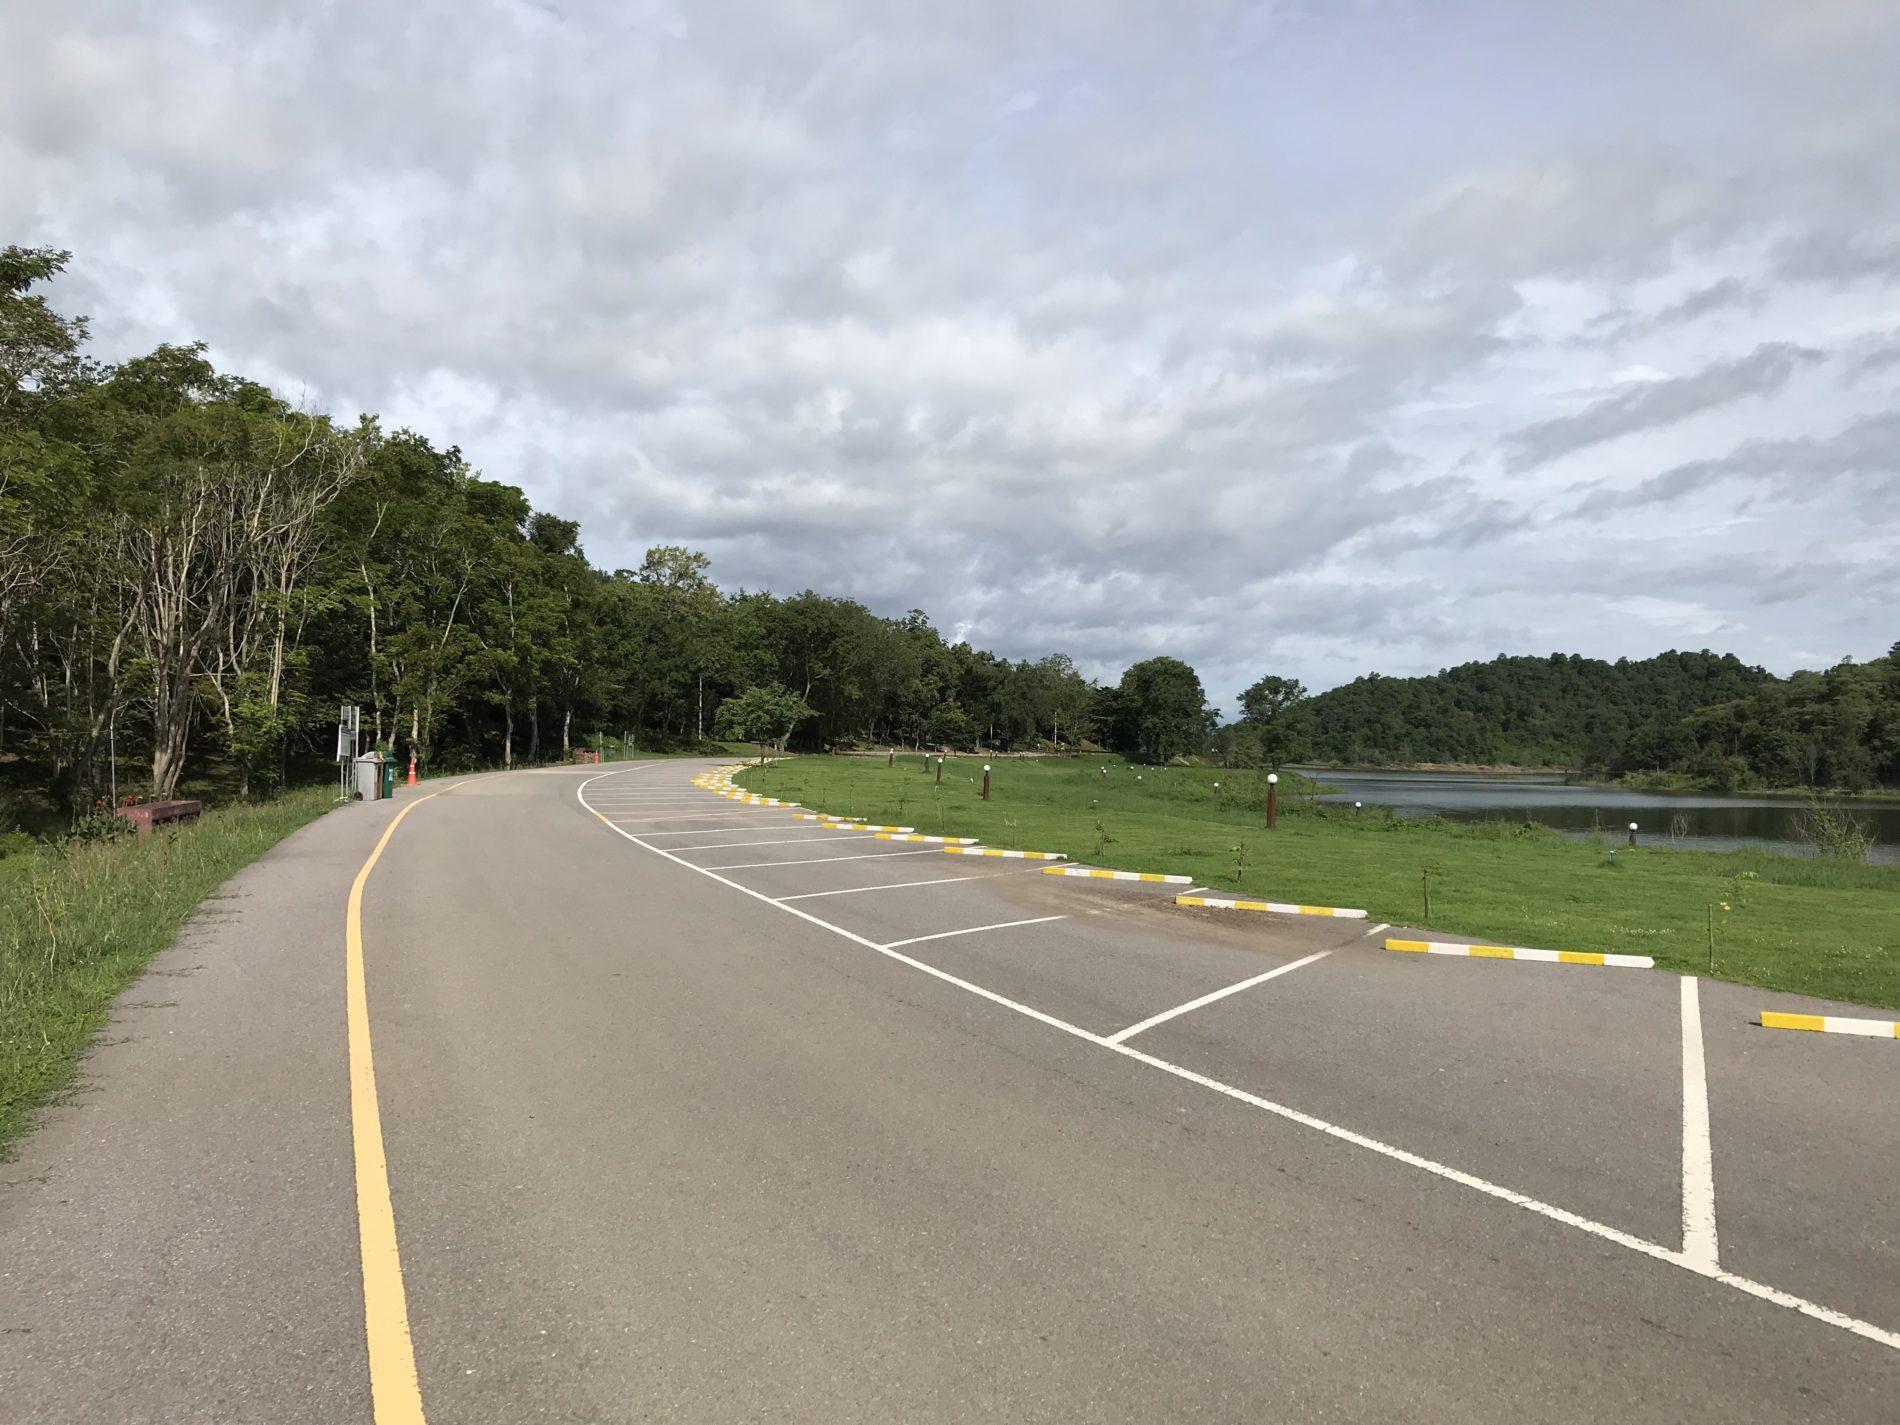 ケーンクラチャン国立公園